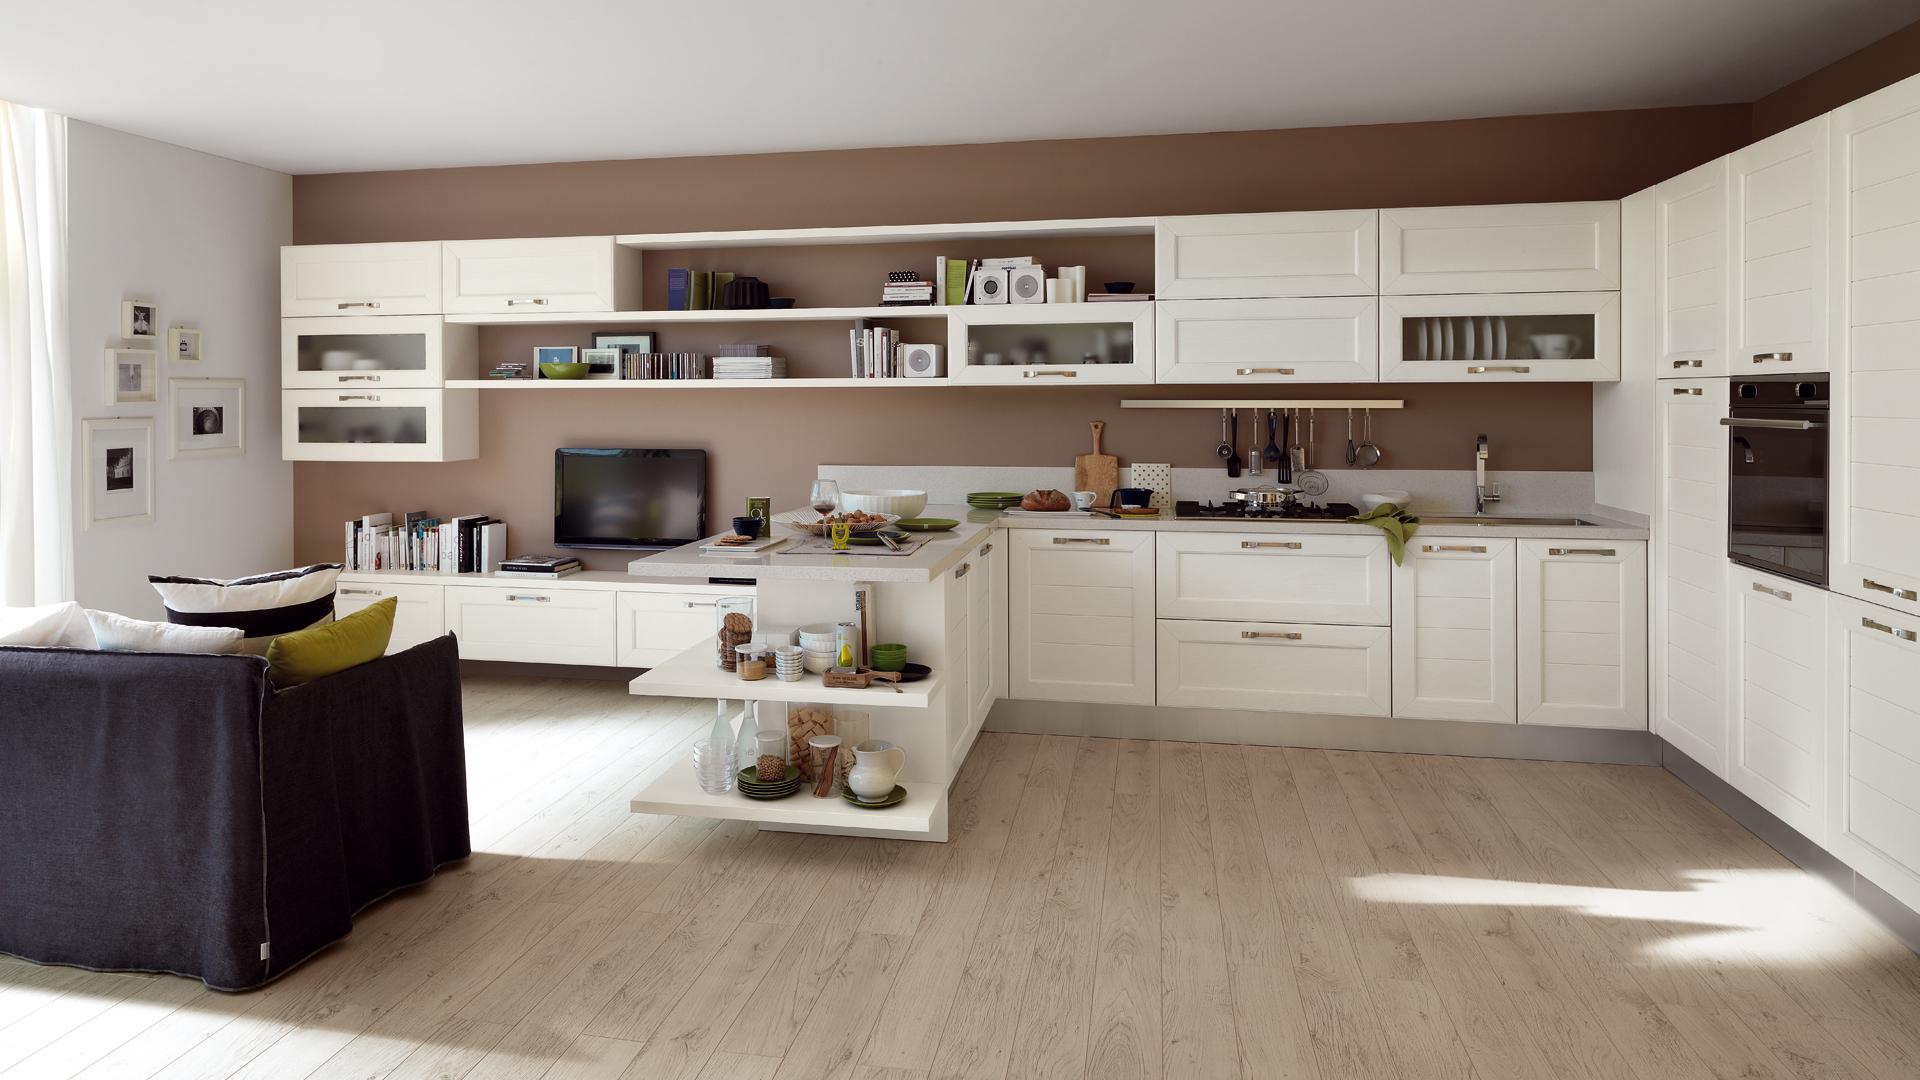 Cucina bianca 5 soluzioni per arredare proposti da lube for Cucina classica bianca